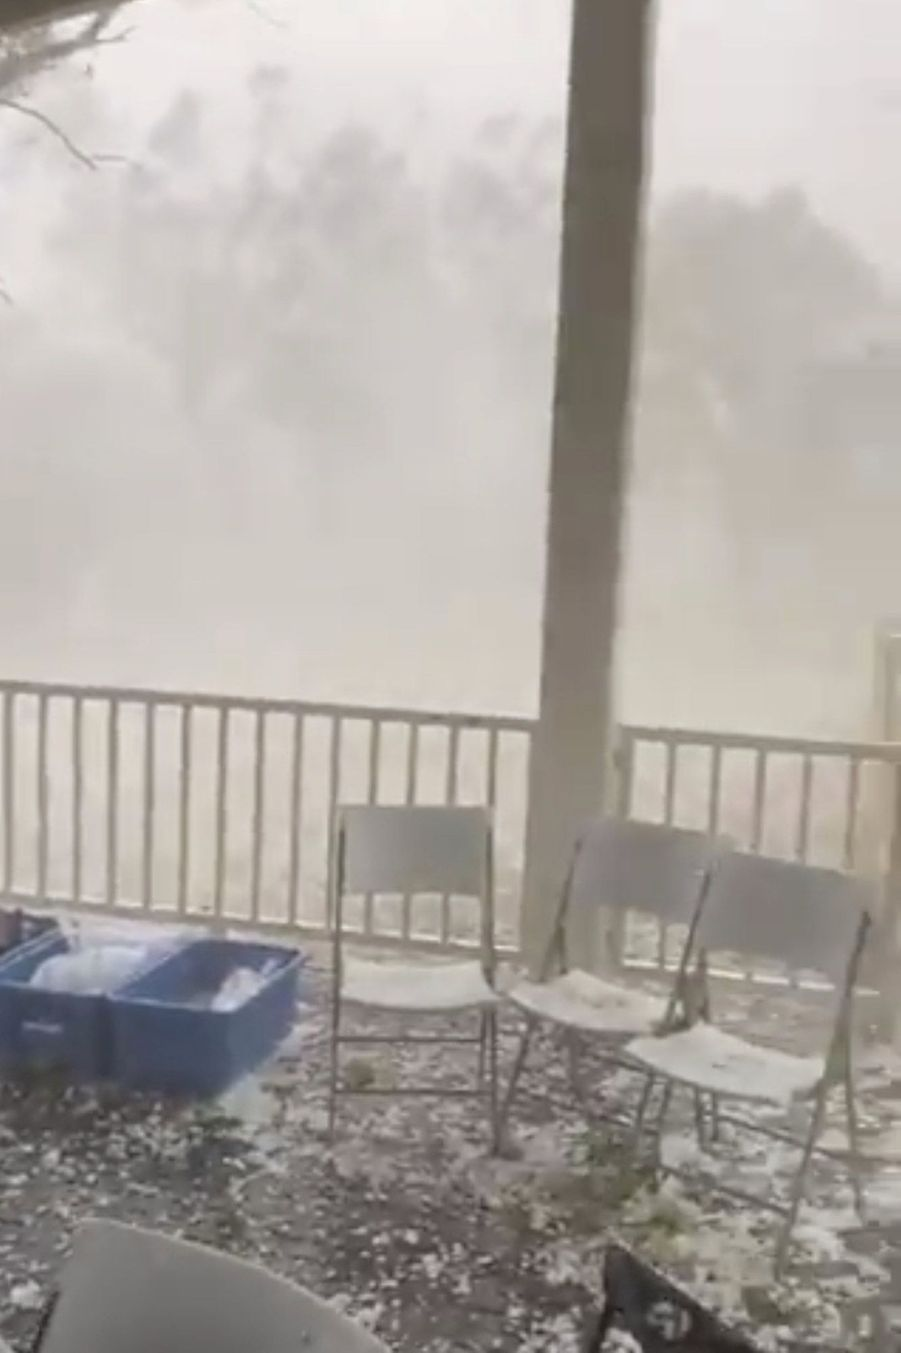 Vue de l'extérieur pendant la tempête de grêle, àWarrandyte, Victoria.